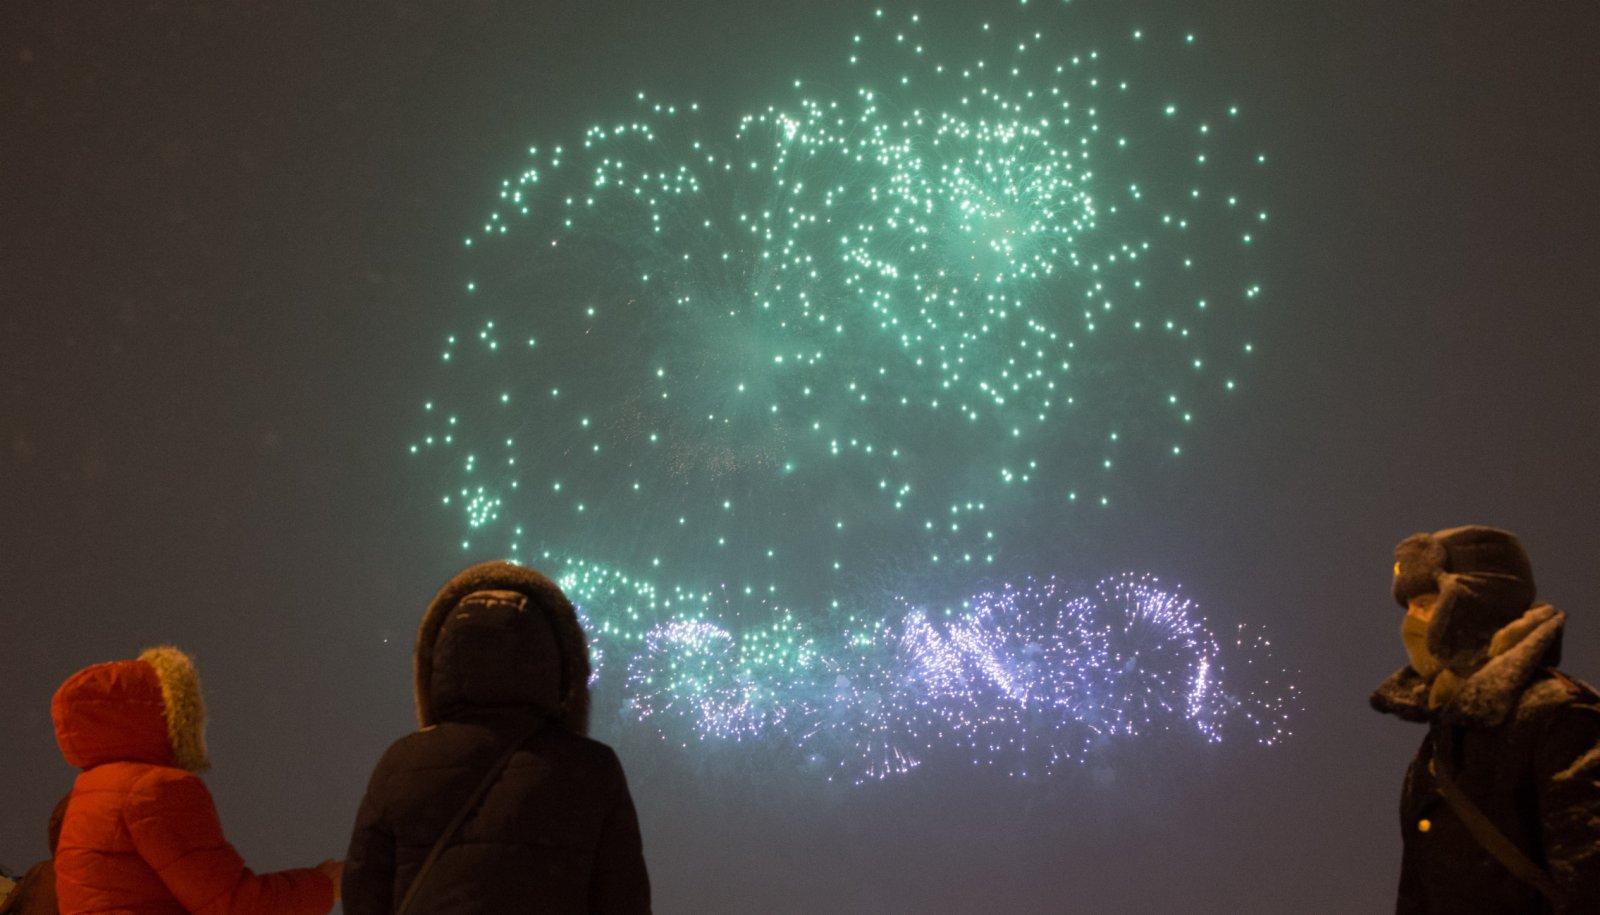 2月23日,俄羅斯聖彼得堡彼得堡羅要塞上空燃起煙花。 當晚,俄羅斯聖彼得堡燃放煙花慶祝祖國保衛者日。(新華社)